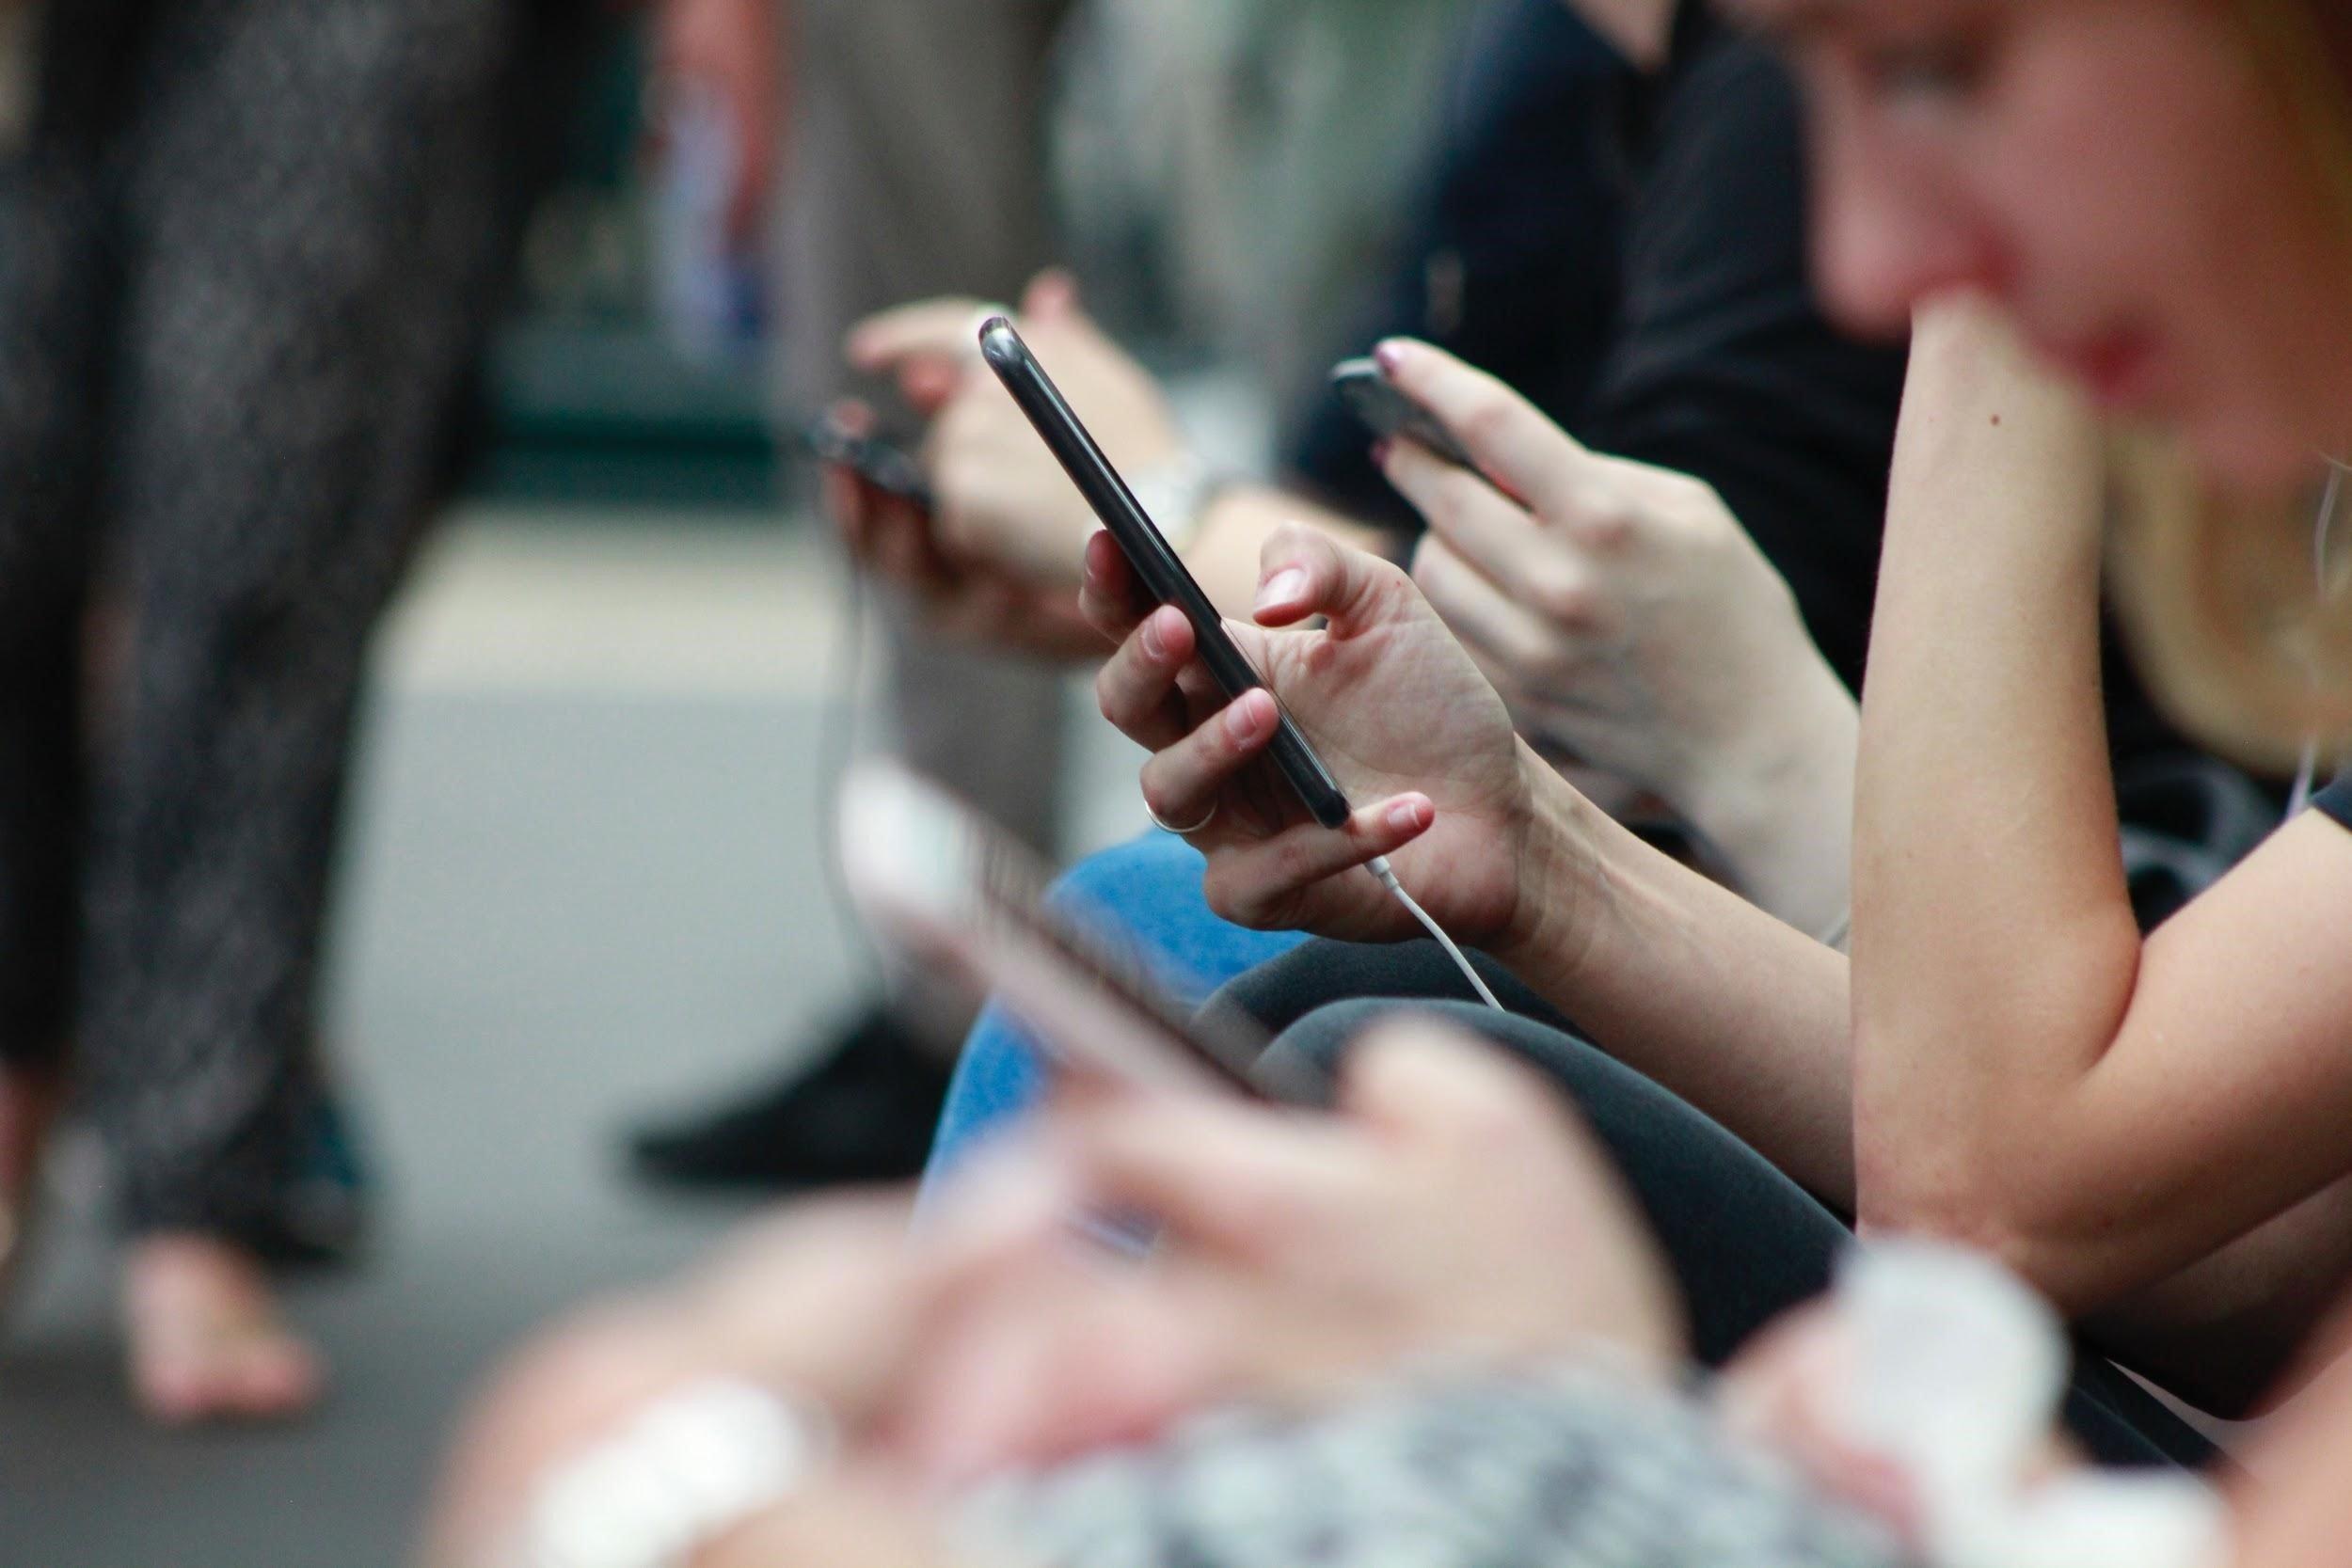 7 lời khuyên giúp giao dịch ngân hàng an toàn trên smartphone